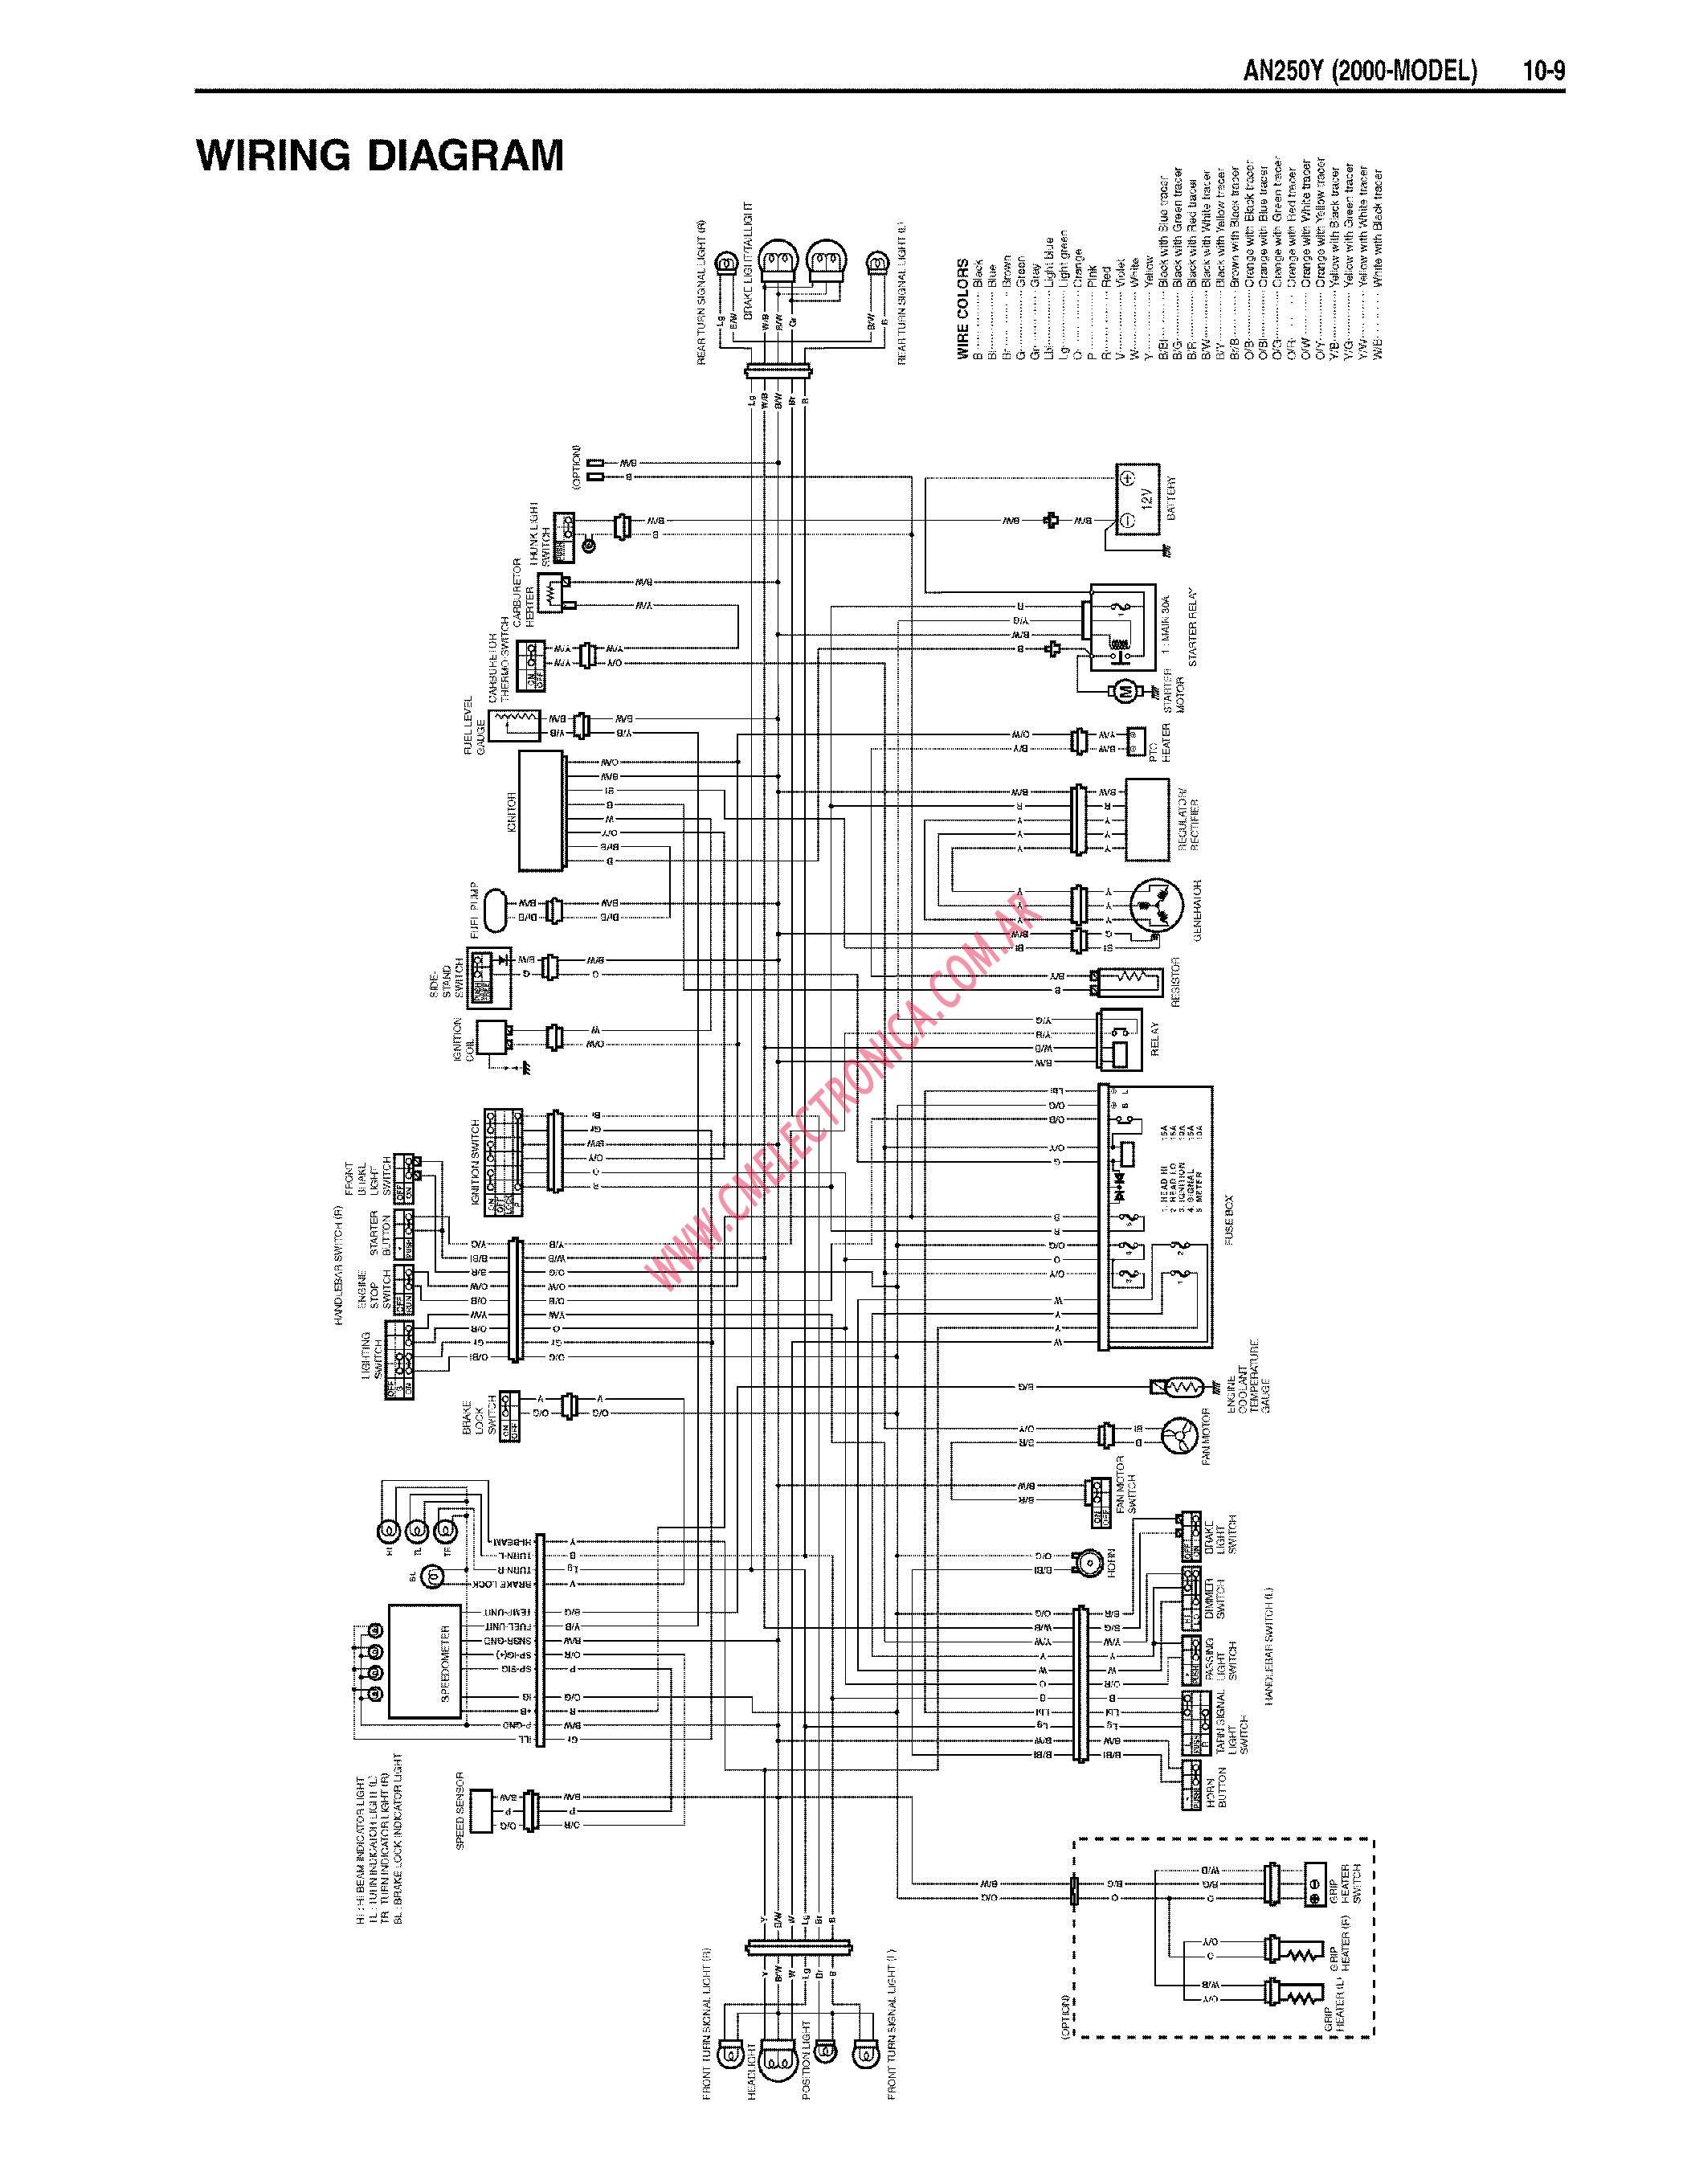 john deere x300 wiring schematic john deere x300 fuel